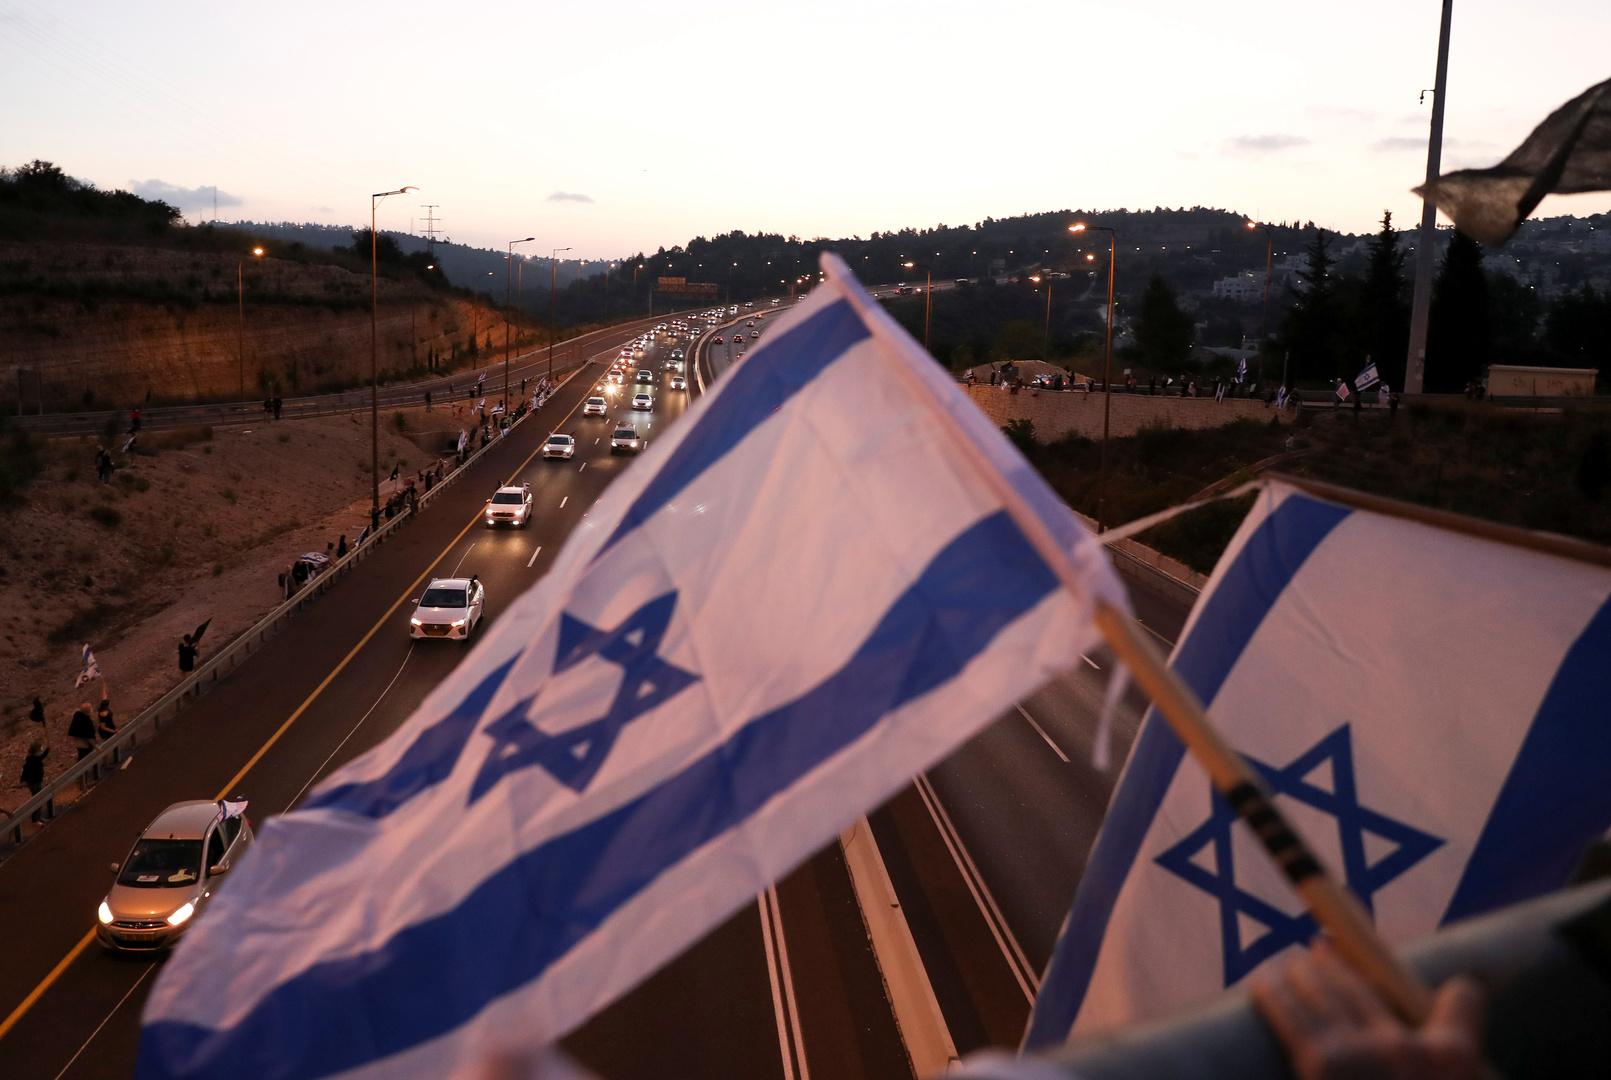 مصادر إسرائيلية تكشف عن وصول طائرة إسرائيلية إلى الخرطوم